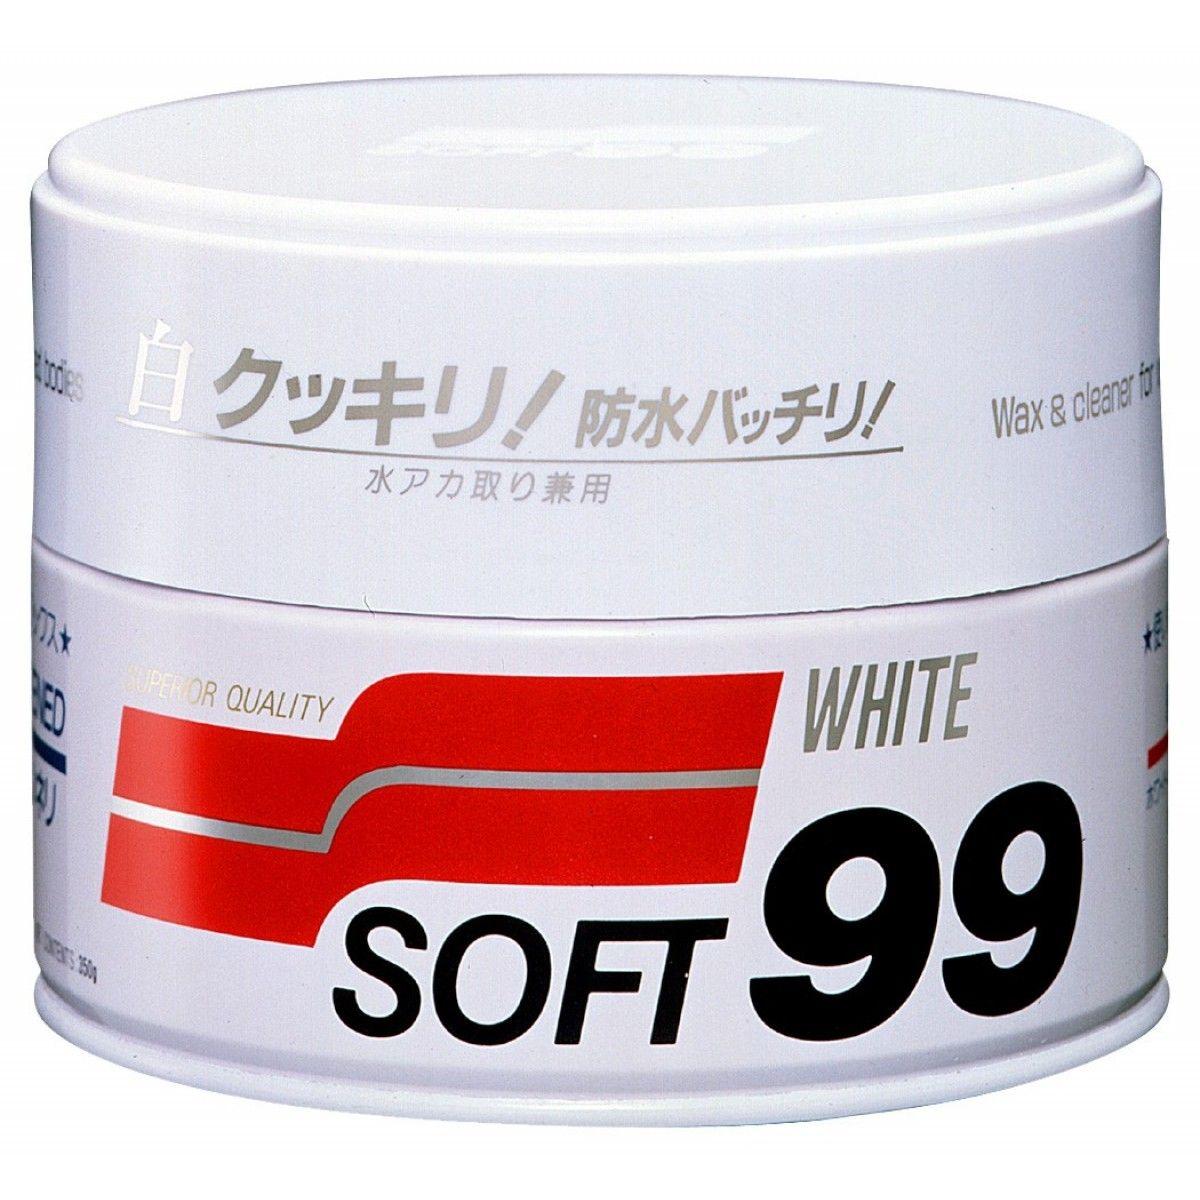 Soft99 White Wax Cleaner - Cera Carnaúba para Carros Brancos - 350g  - Loja Go Eco Wash